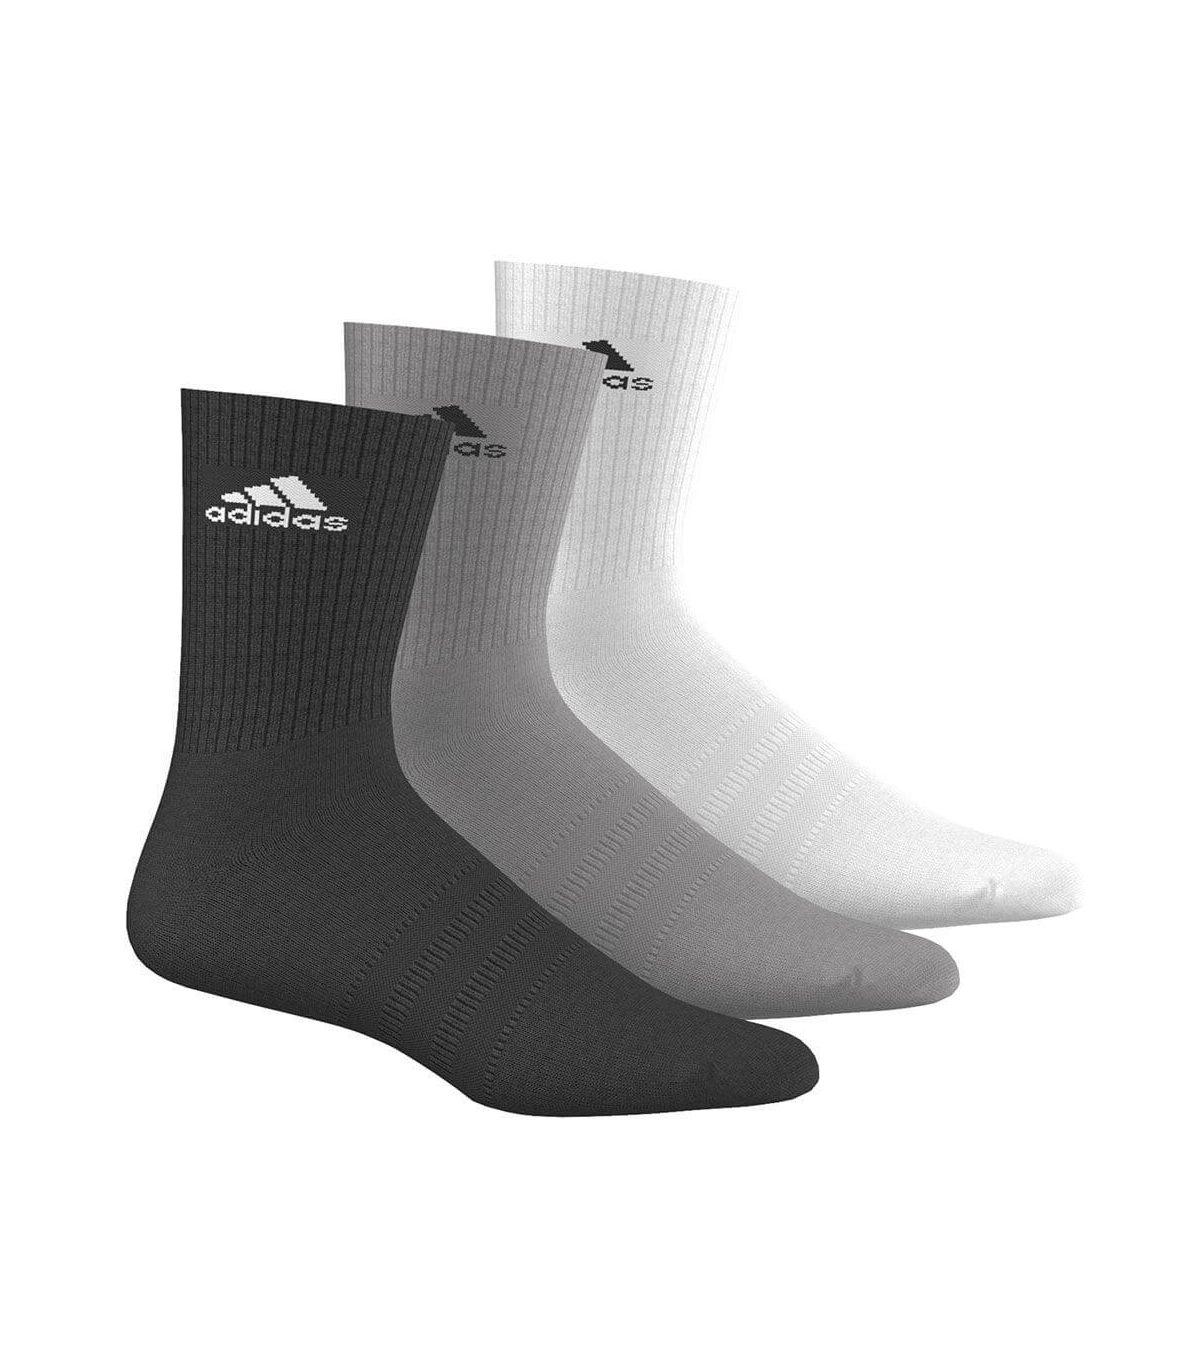 Adidas 3S Performance Ankle Half Multi